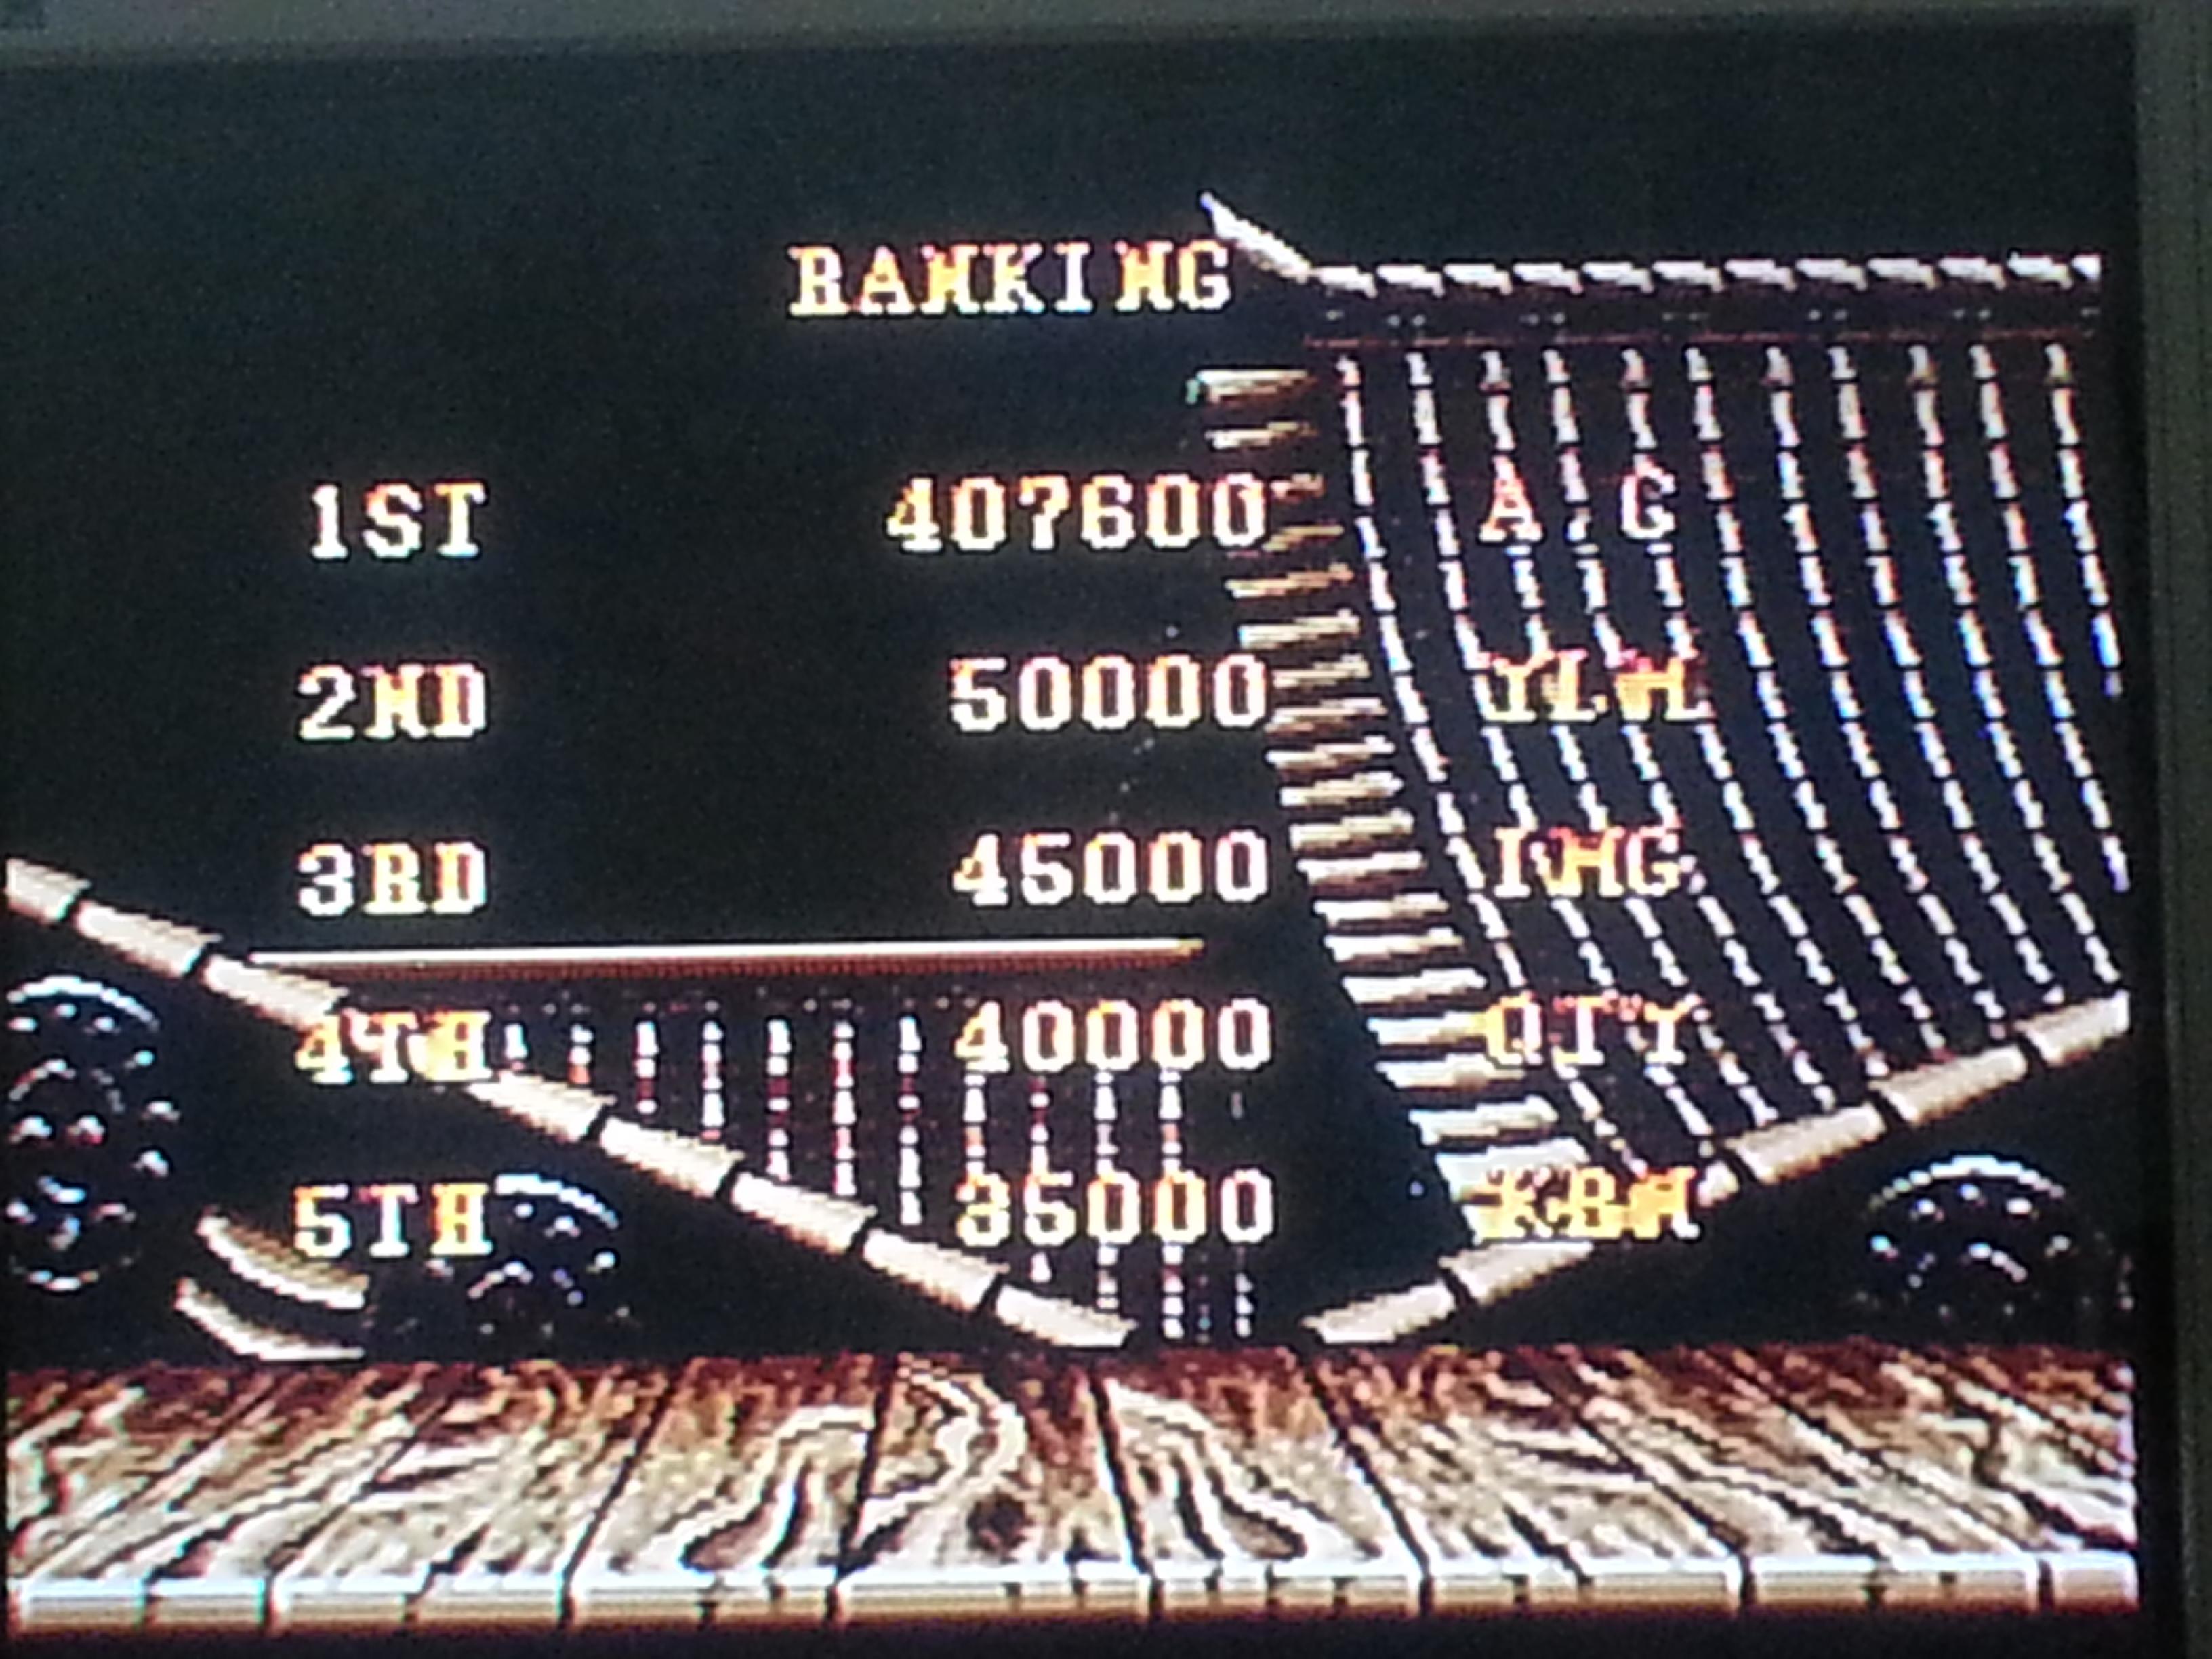 Street Fighter II 407,600 points